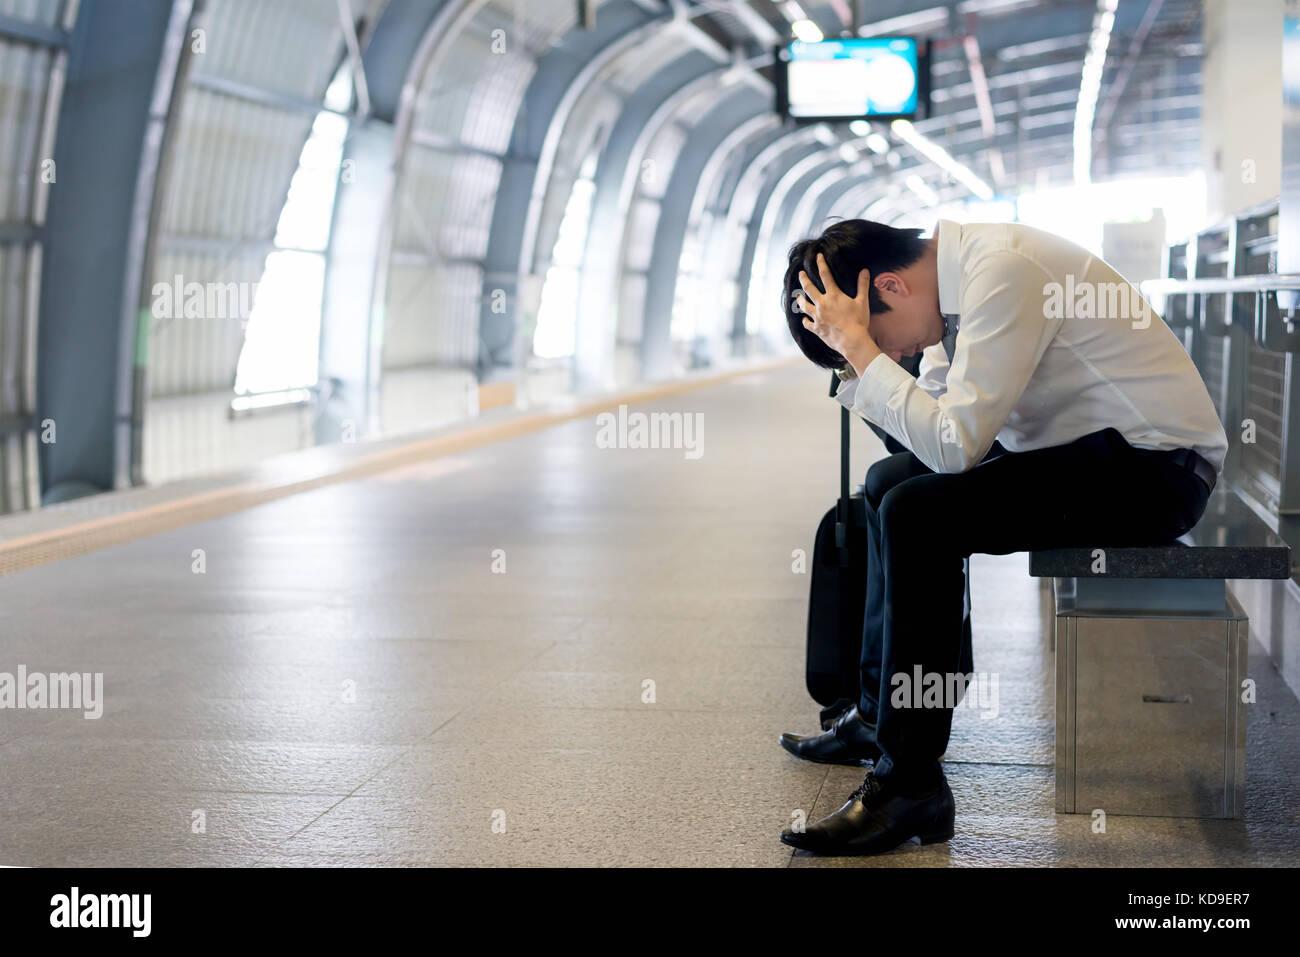 Retard de train ou un problème dans la gare, fatigué d'attente des passagers aisan désespérée Photo Stock